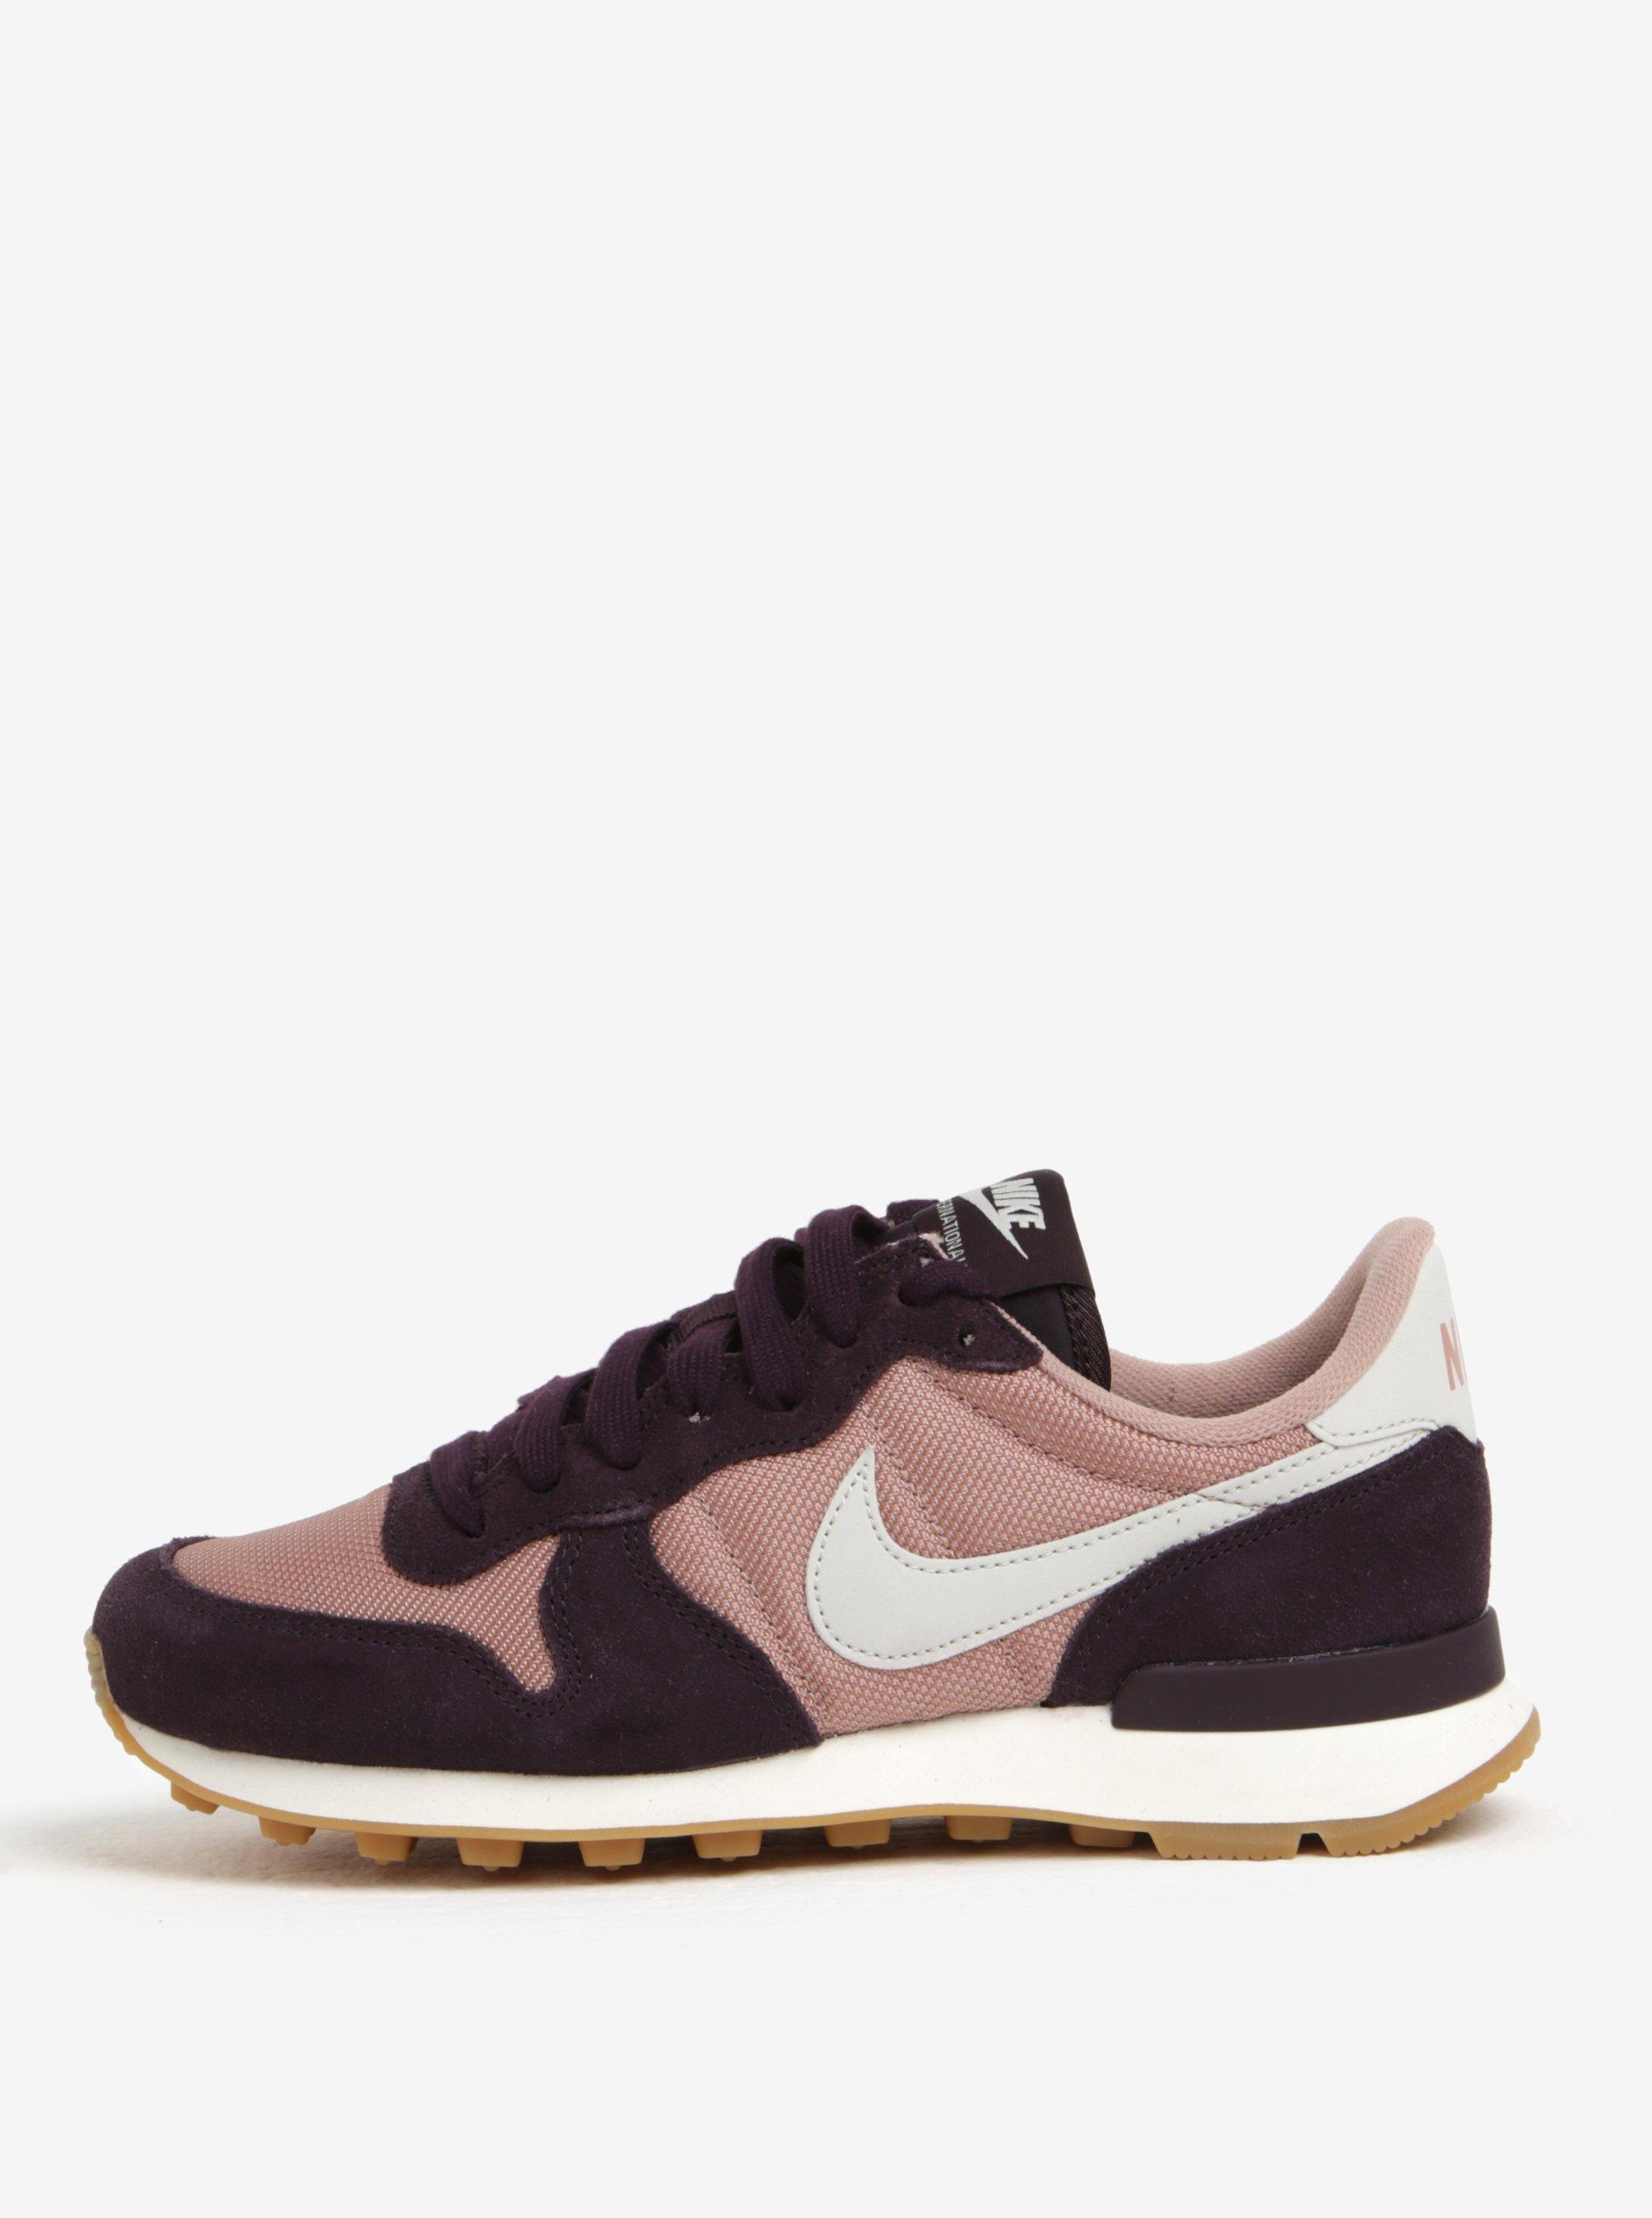 Fialovo-růžové dámské tenisky Nike Internationalist